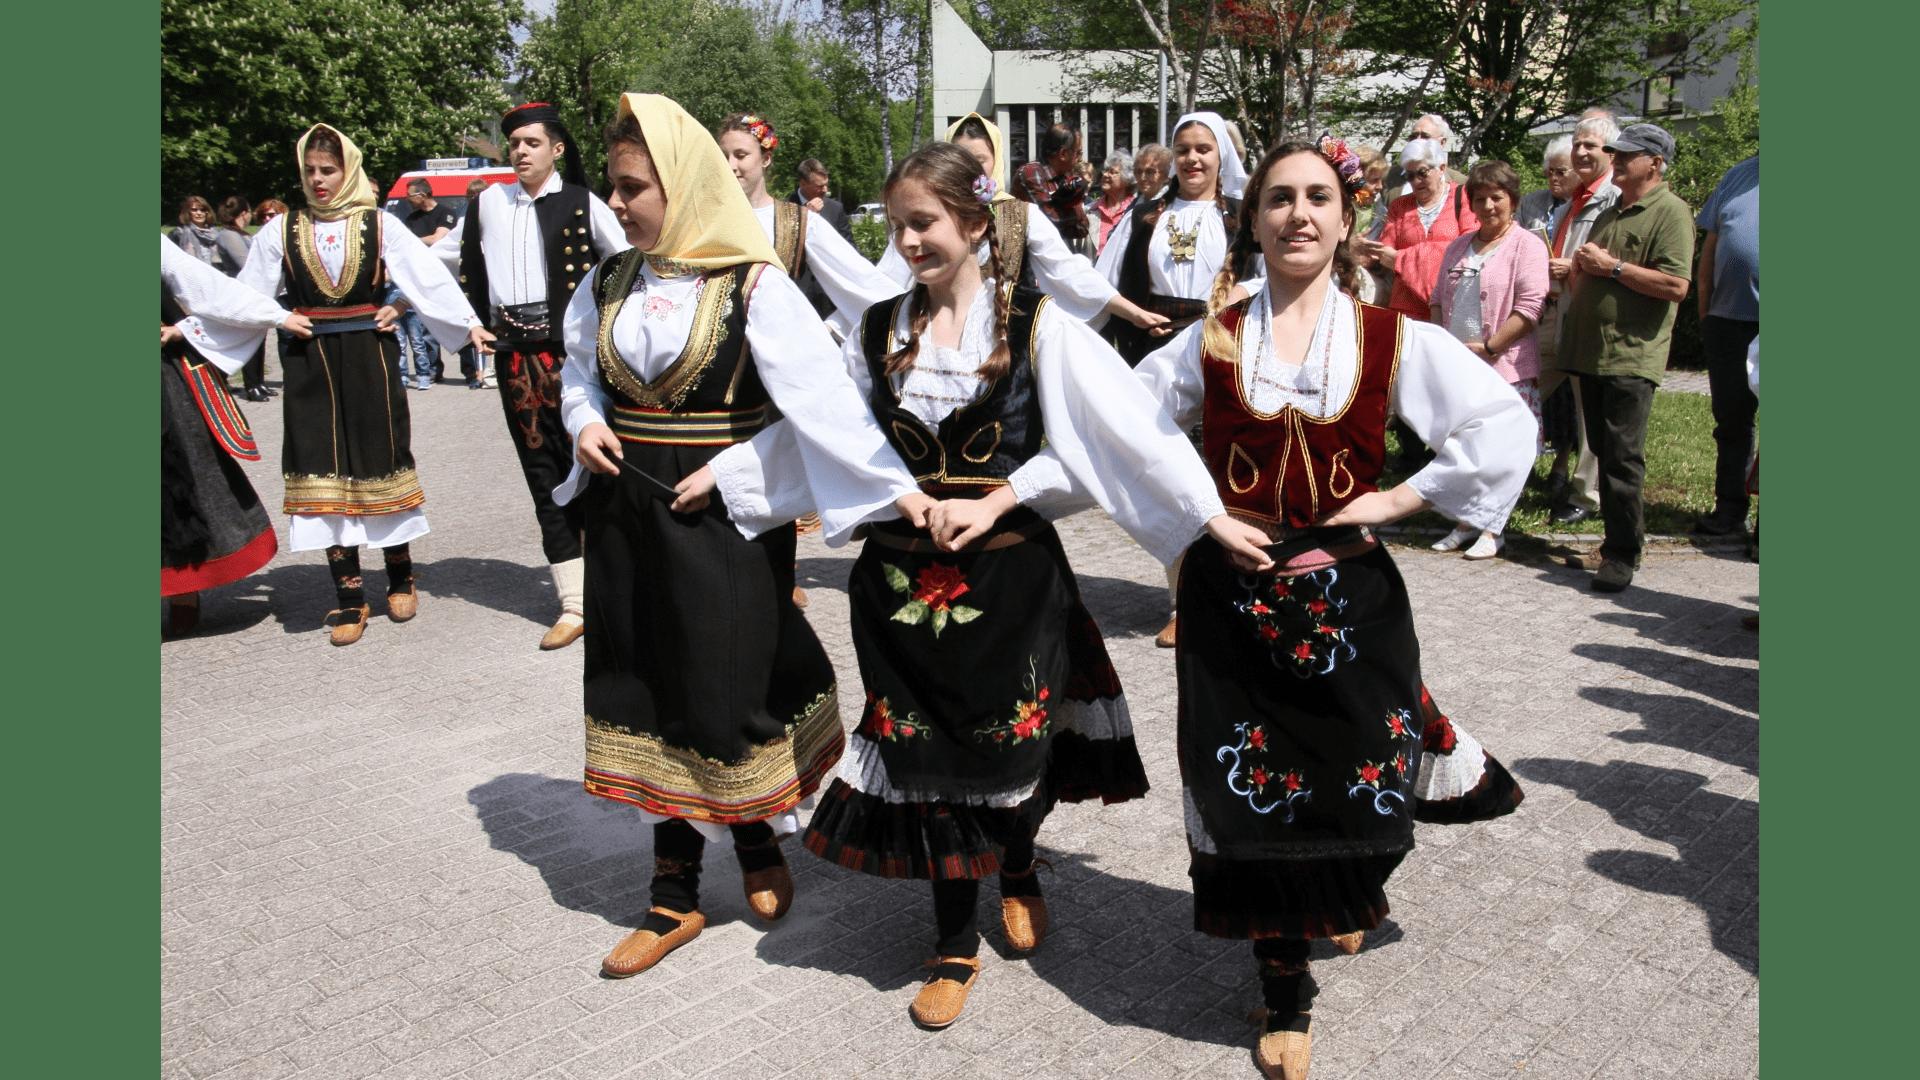 Tanzauftritt nach dem Gottesdienst in Bad Niedernau 2017. Foto: Archiv Freundeskreis Filipowa